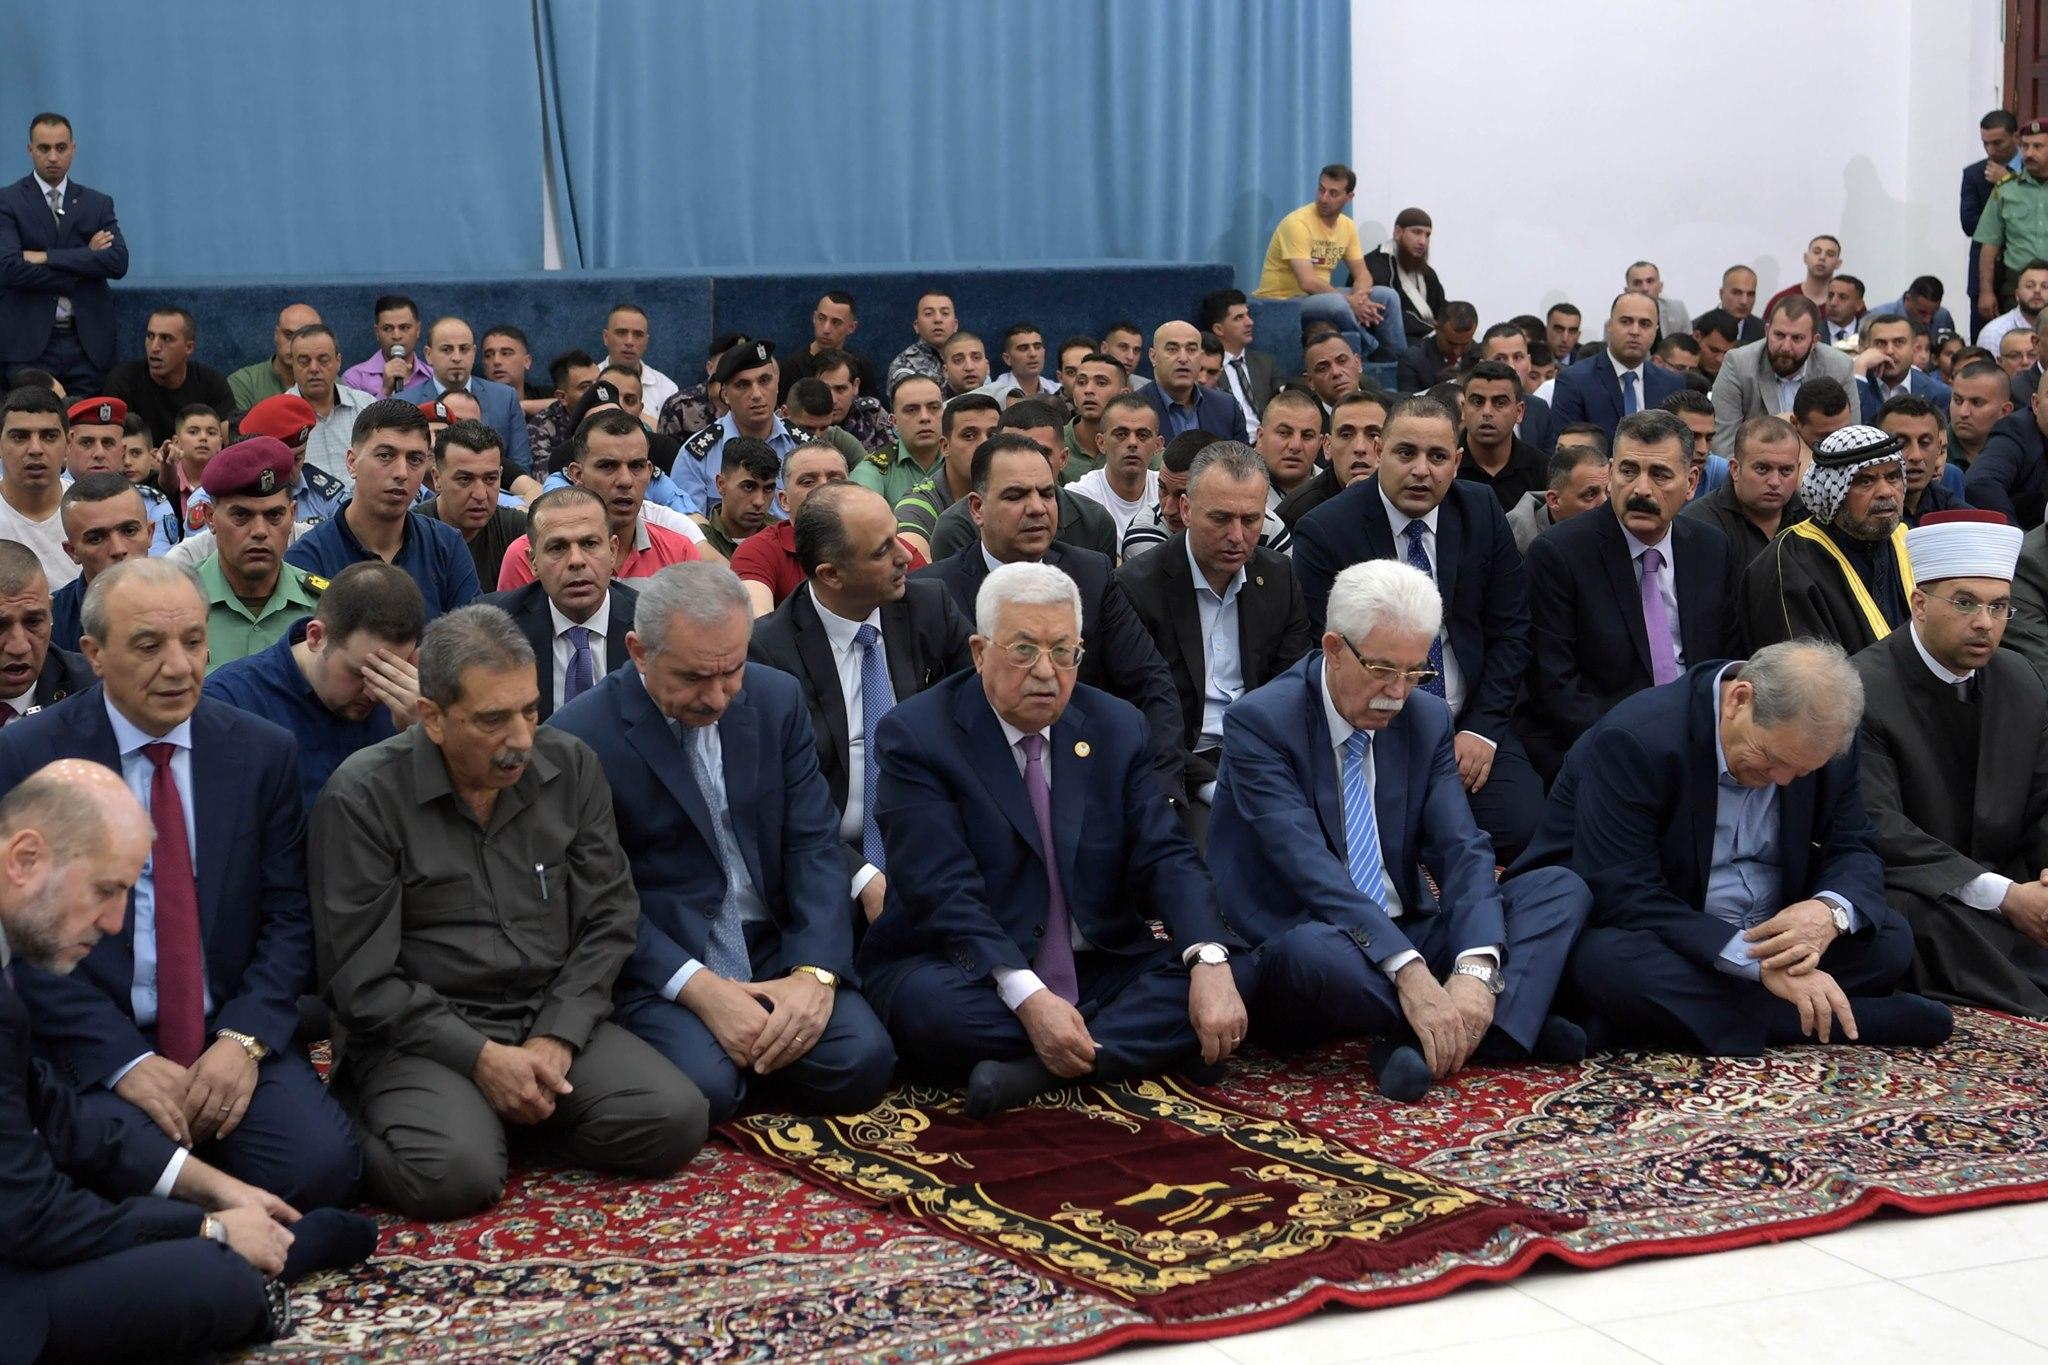 الرئيس الفلسطينى يؤدى صلاة عيد الفطر فى مسجد التشريفات بمقر الرئاسة برام الله